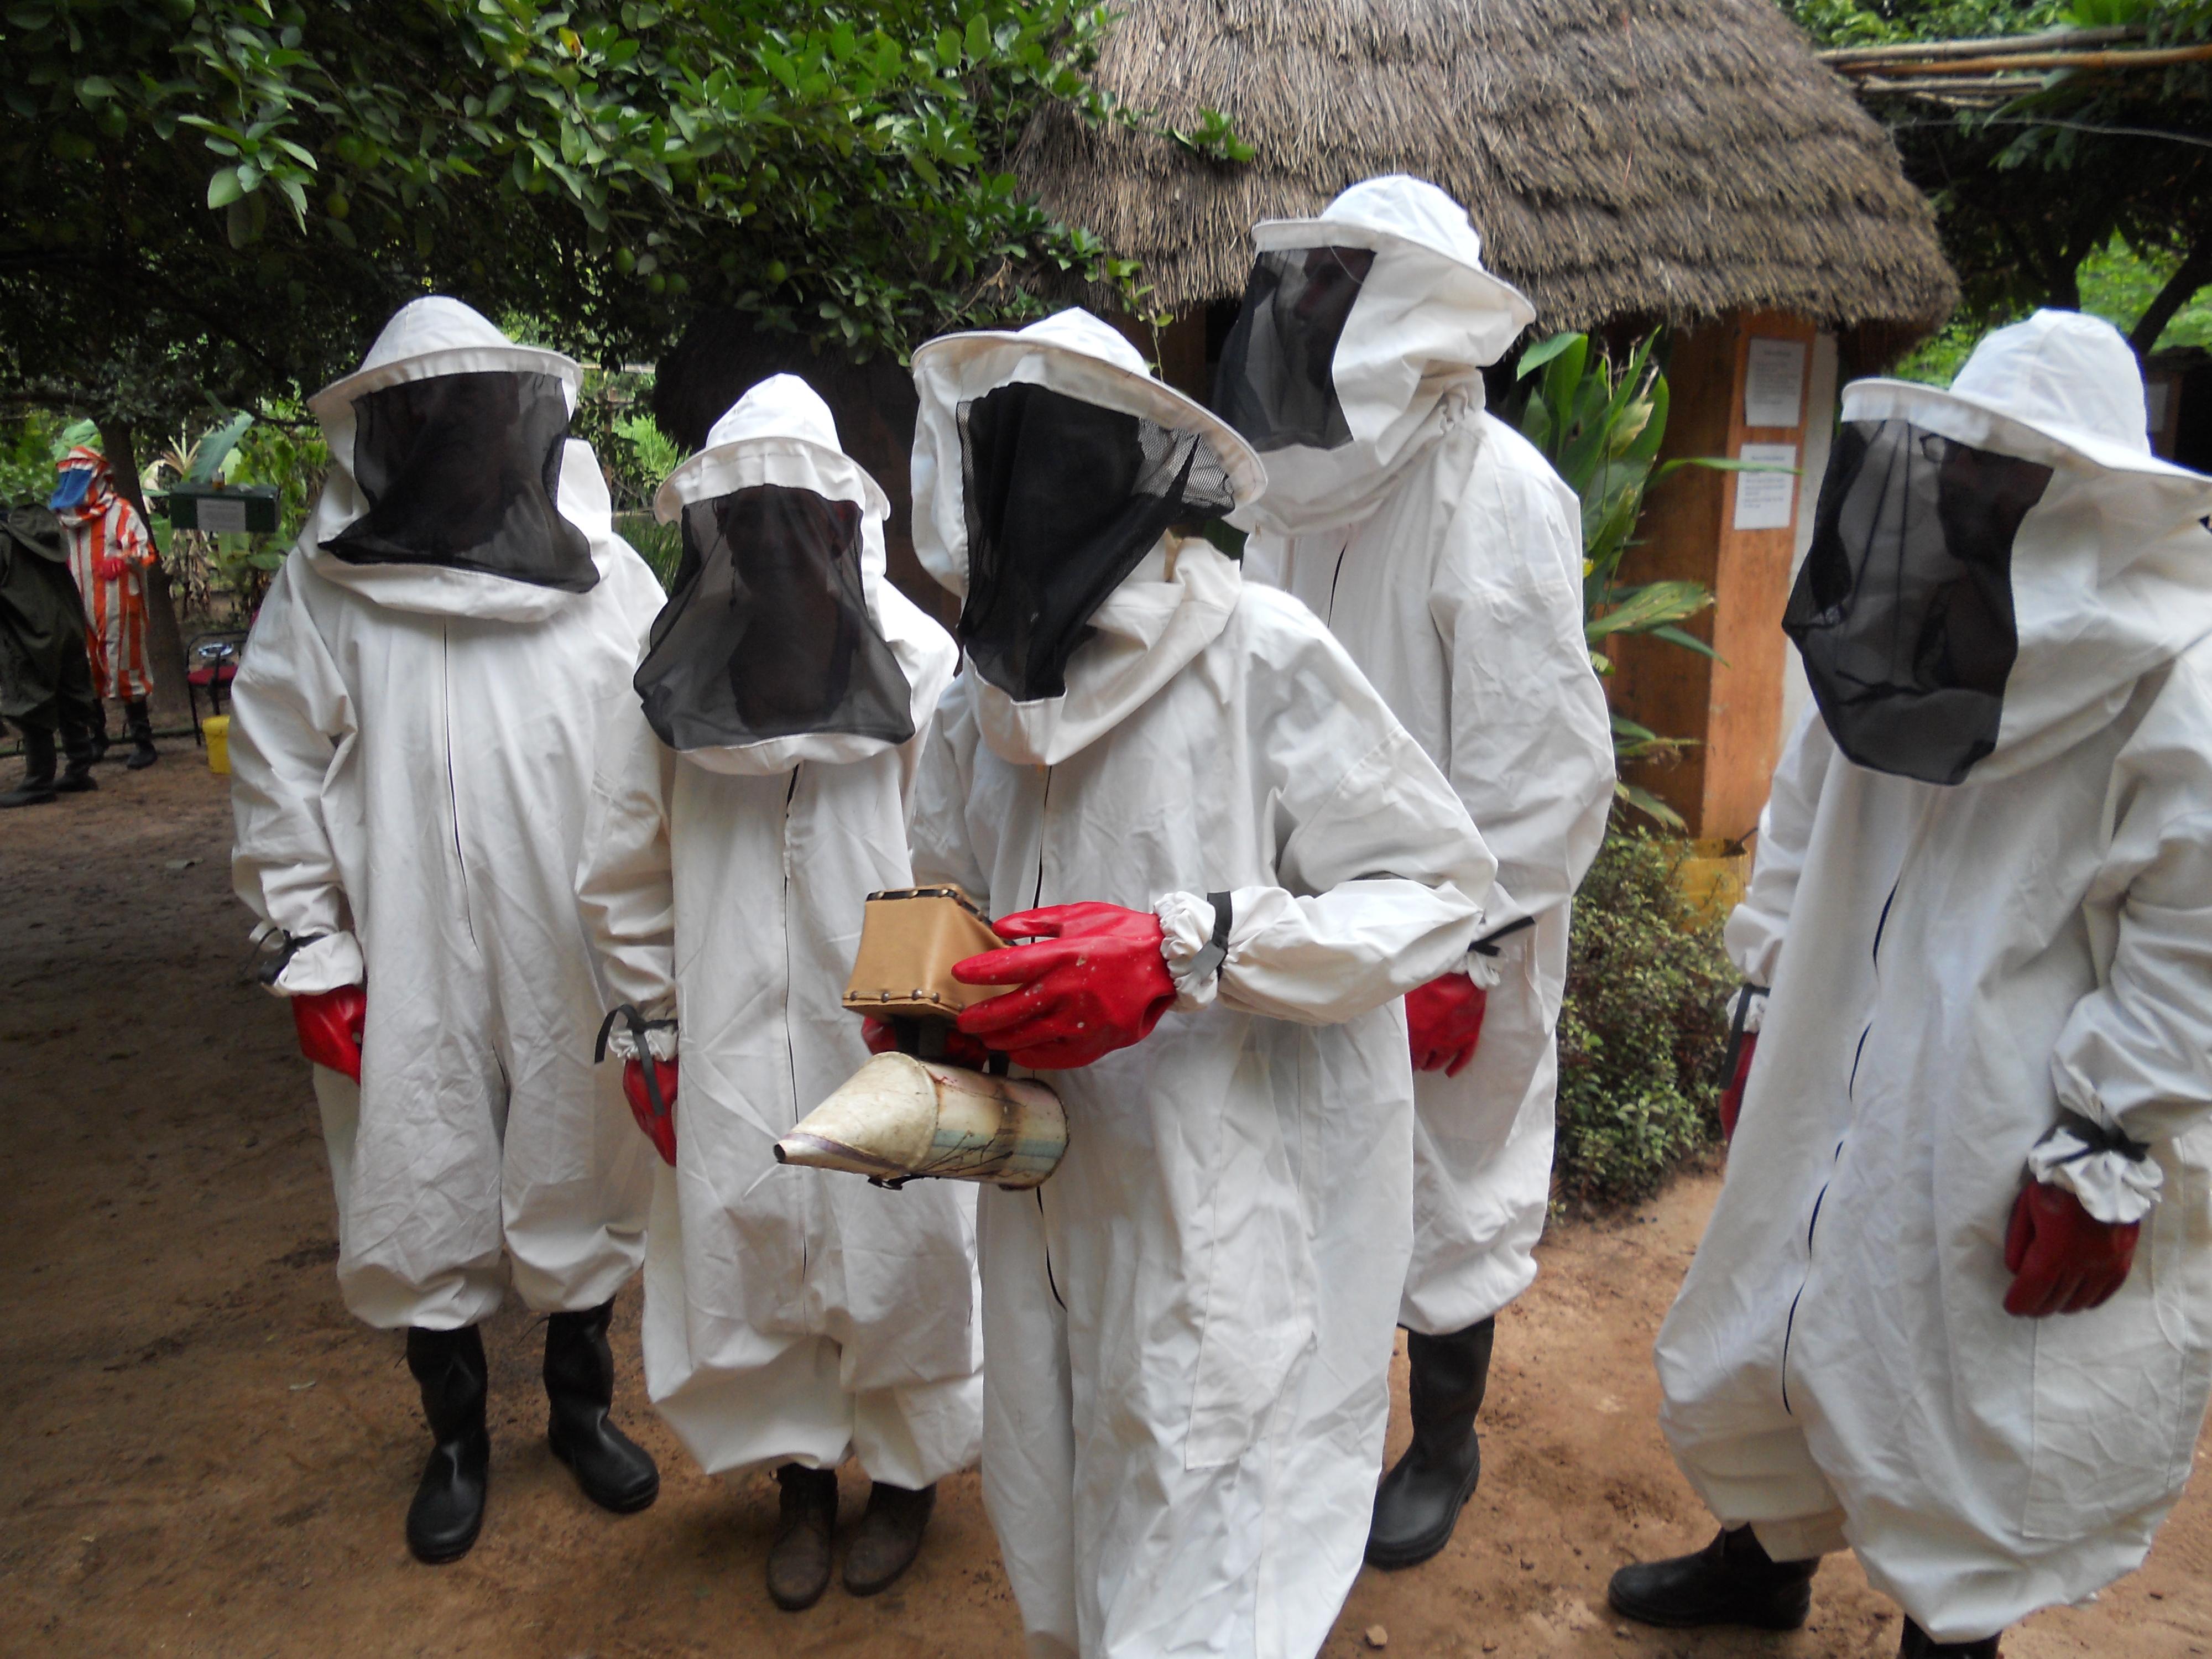 beekeepers in Ghana